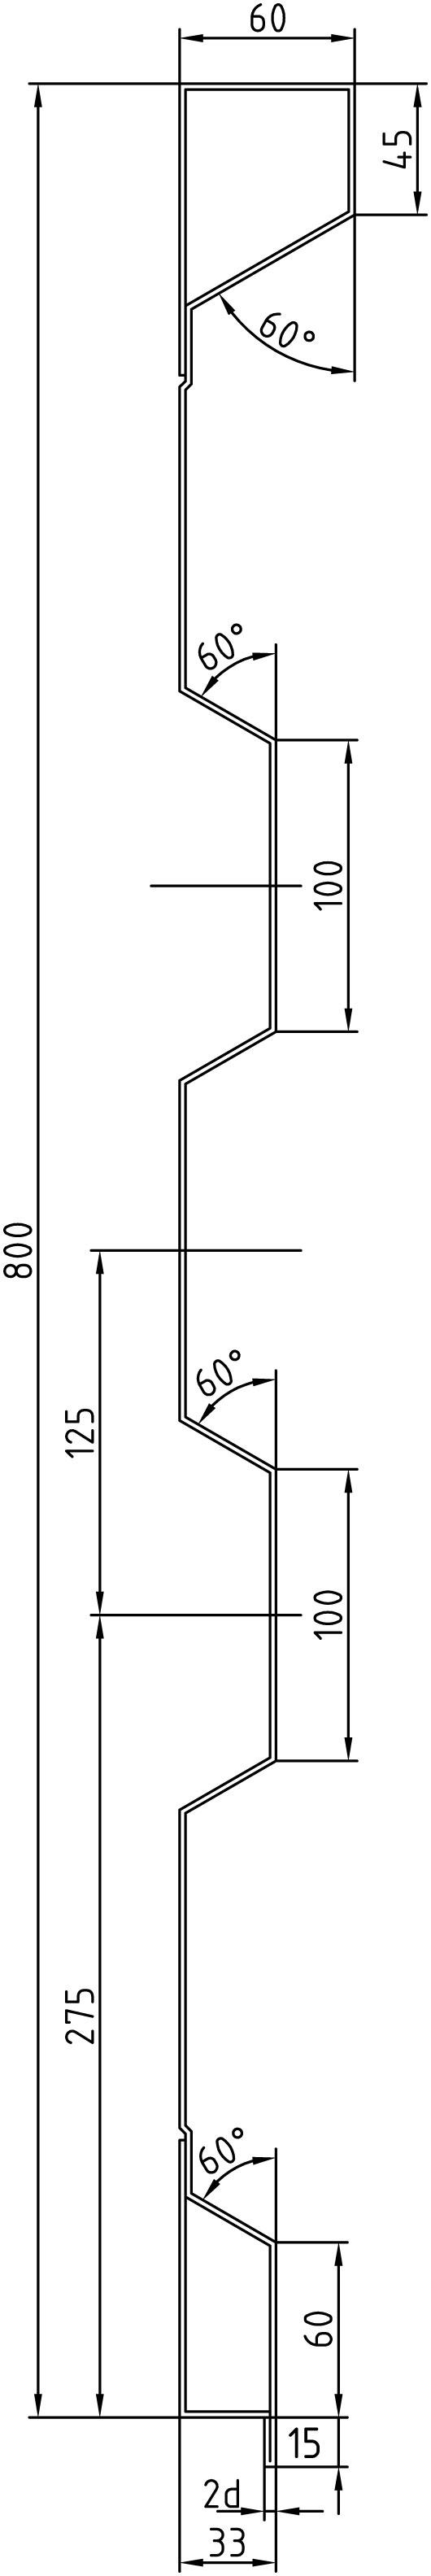 Brantner Kipper und Anhänger - 800x2,5x6008 sideboards with trailing edges